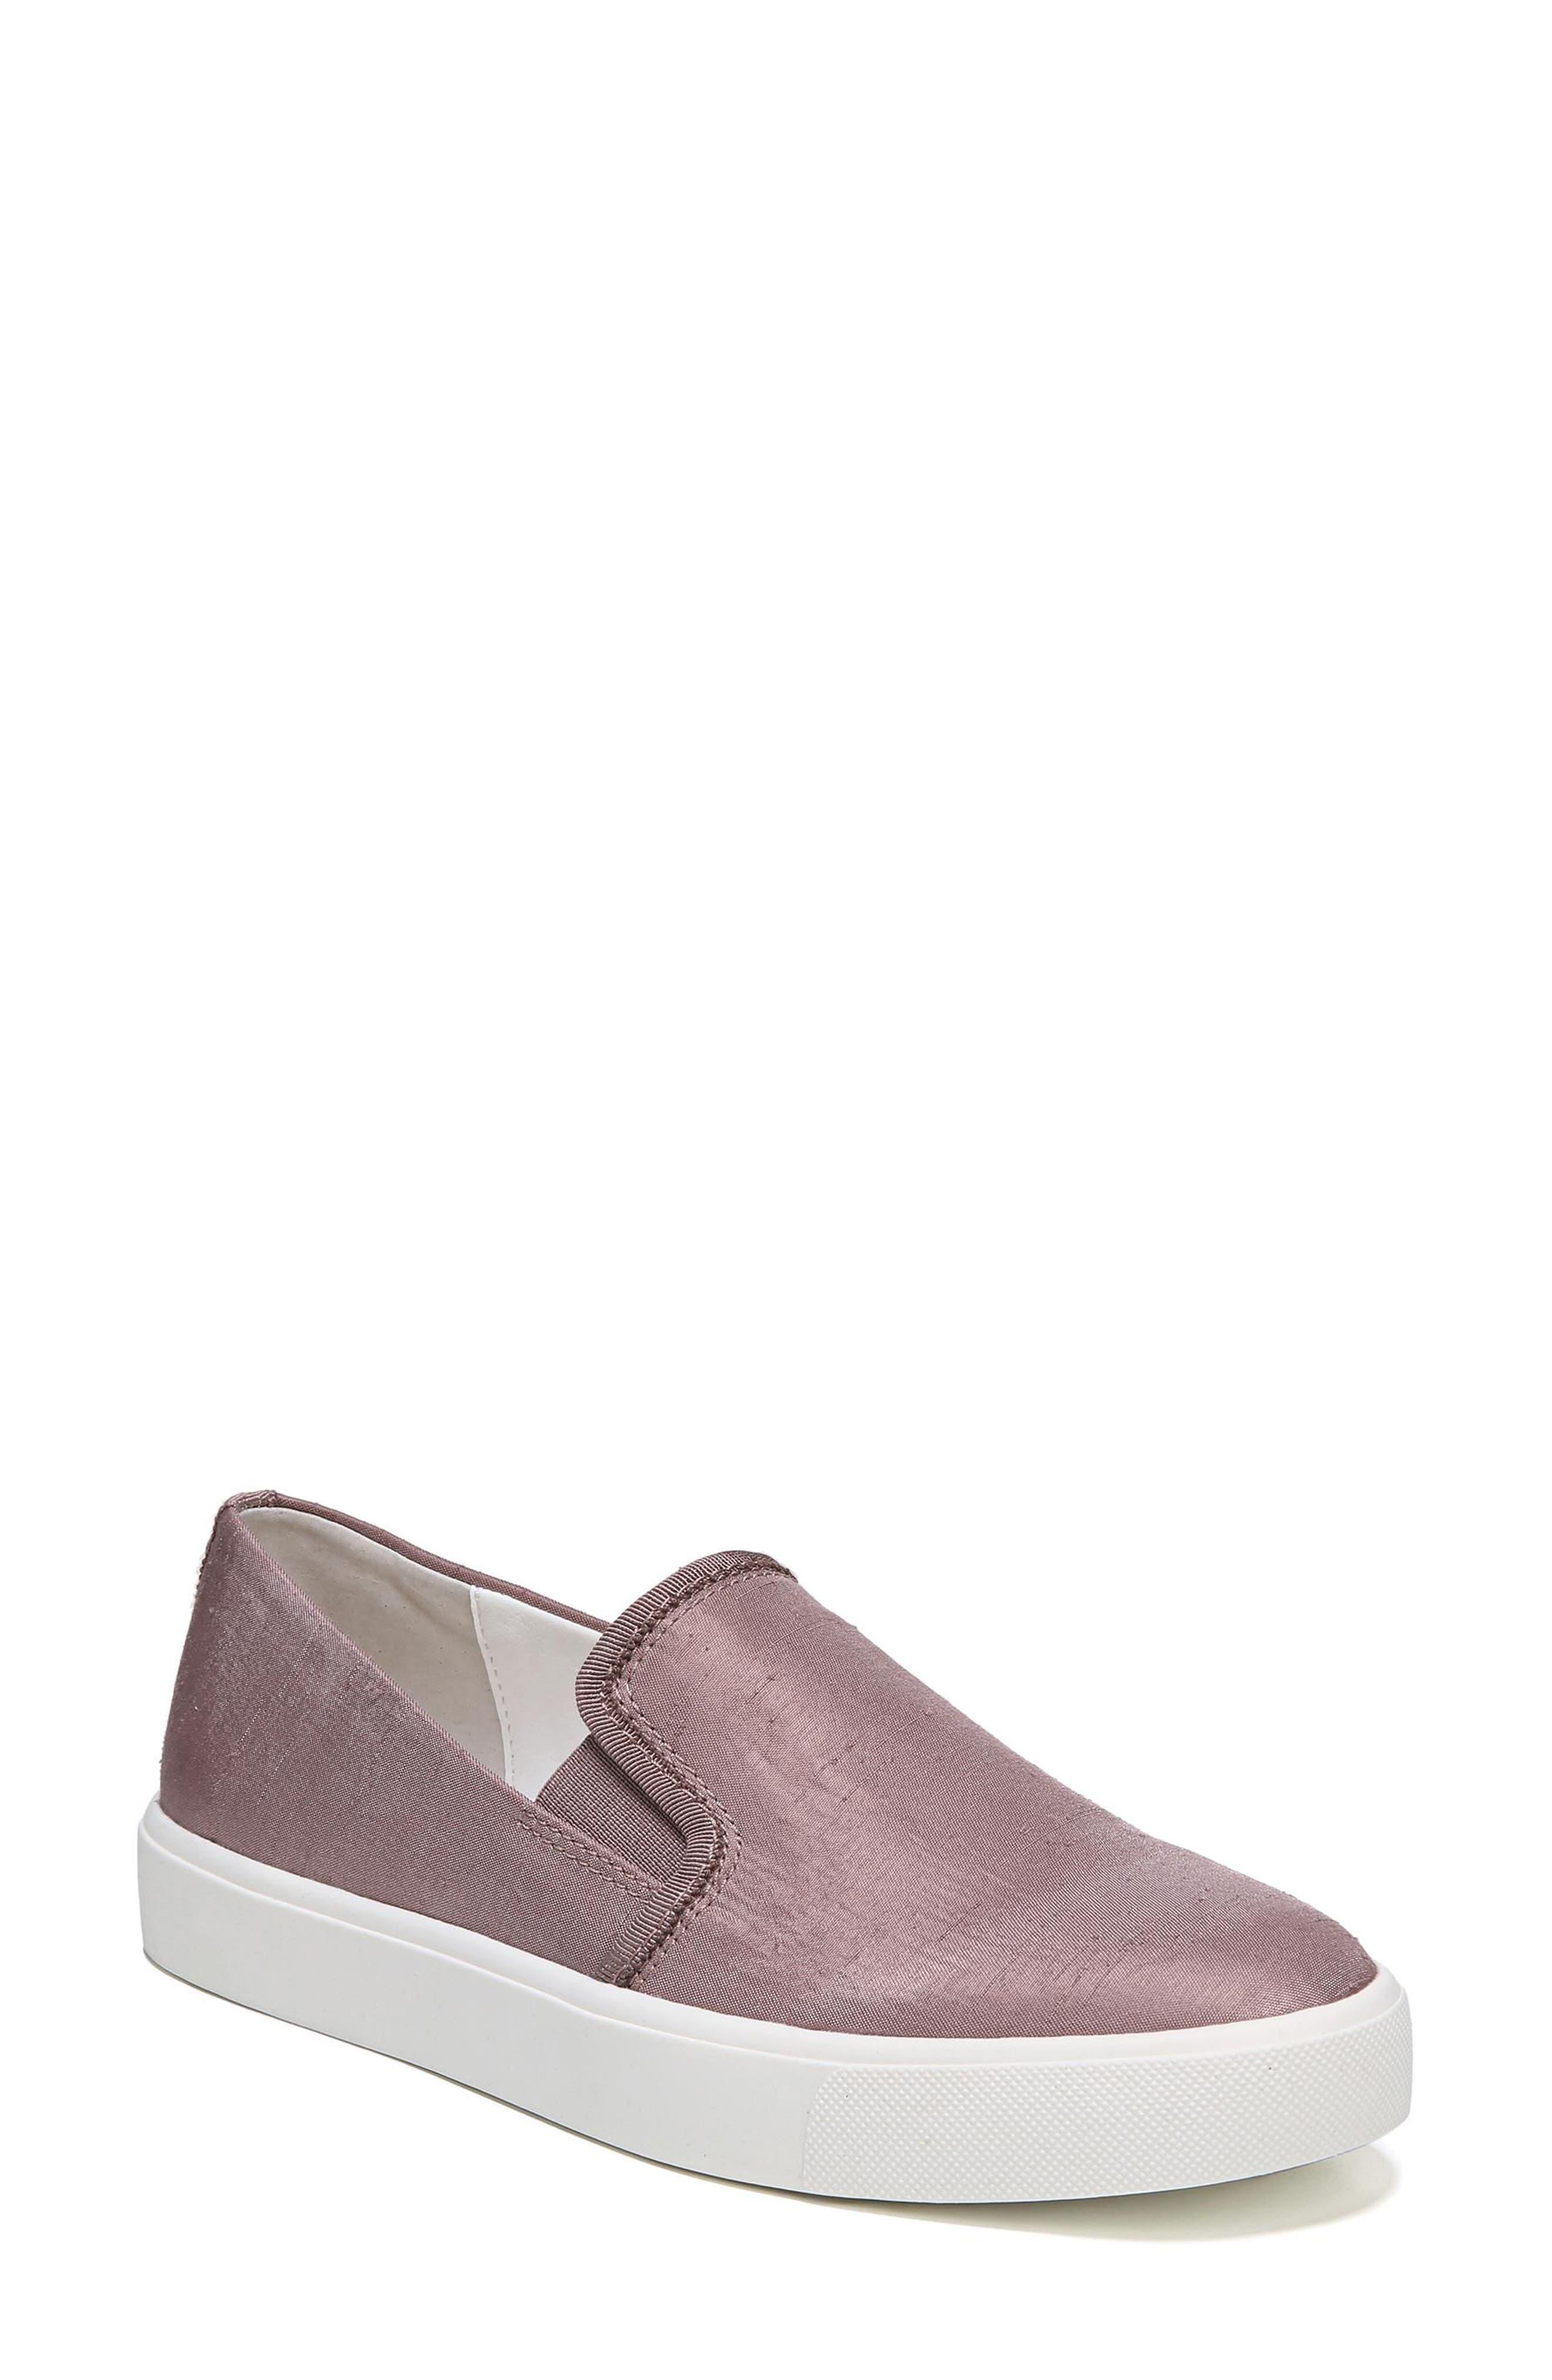 Elton Slip-On Sneaker,                             Main thumbnail 1, color,                             Pink Mauve Silk Fabric